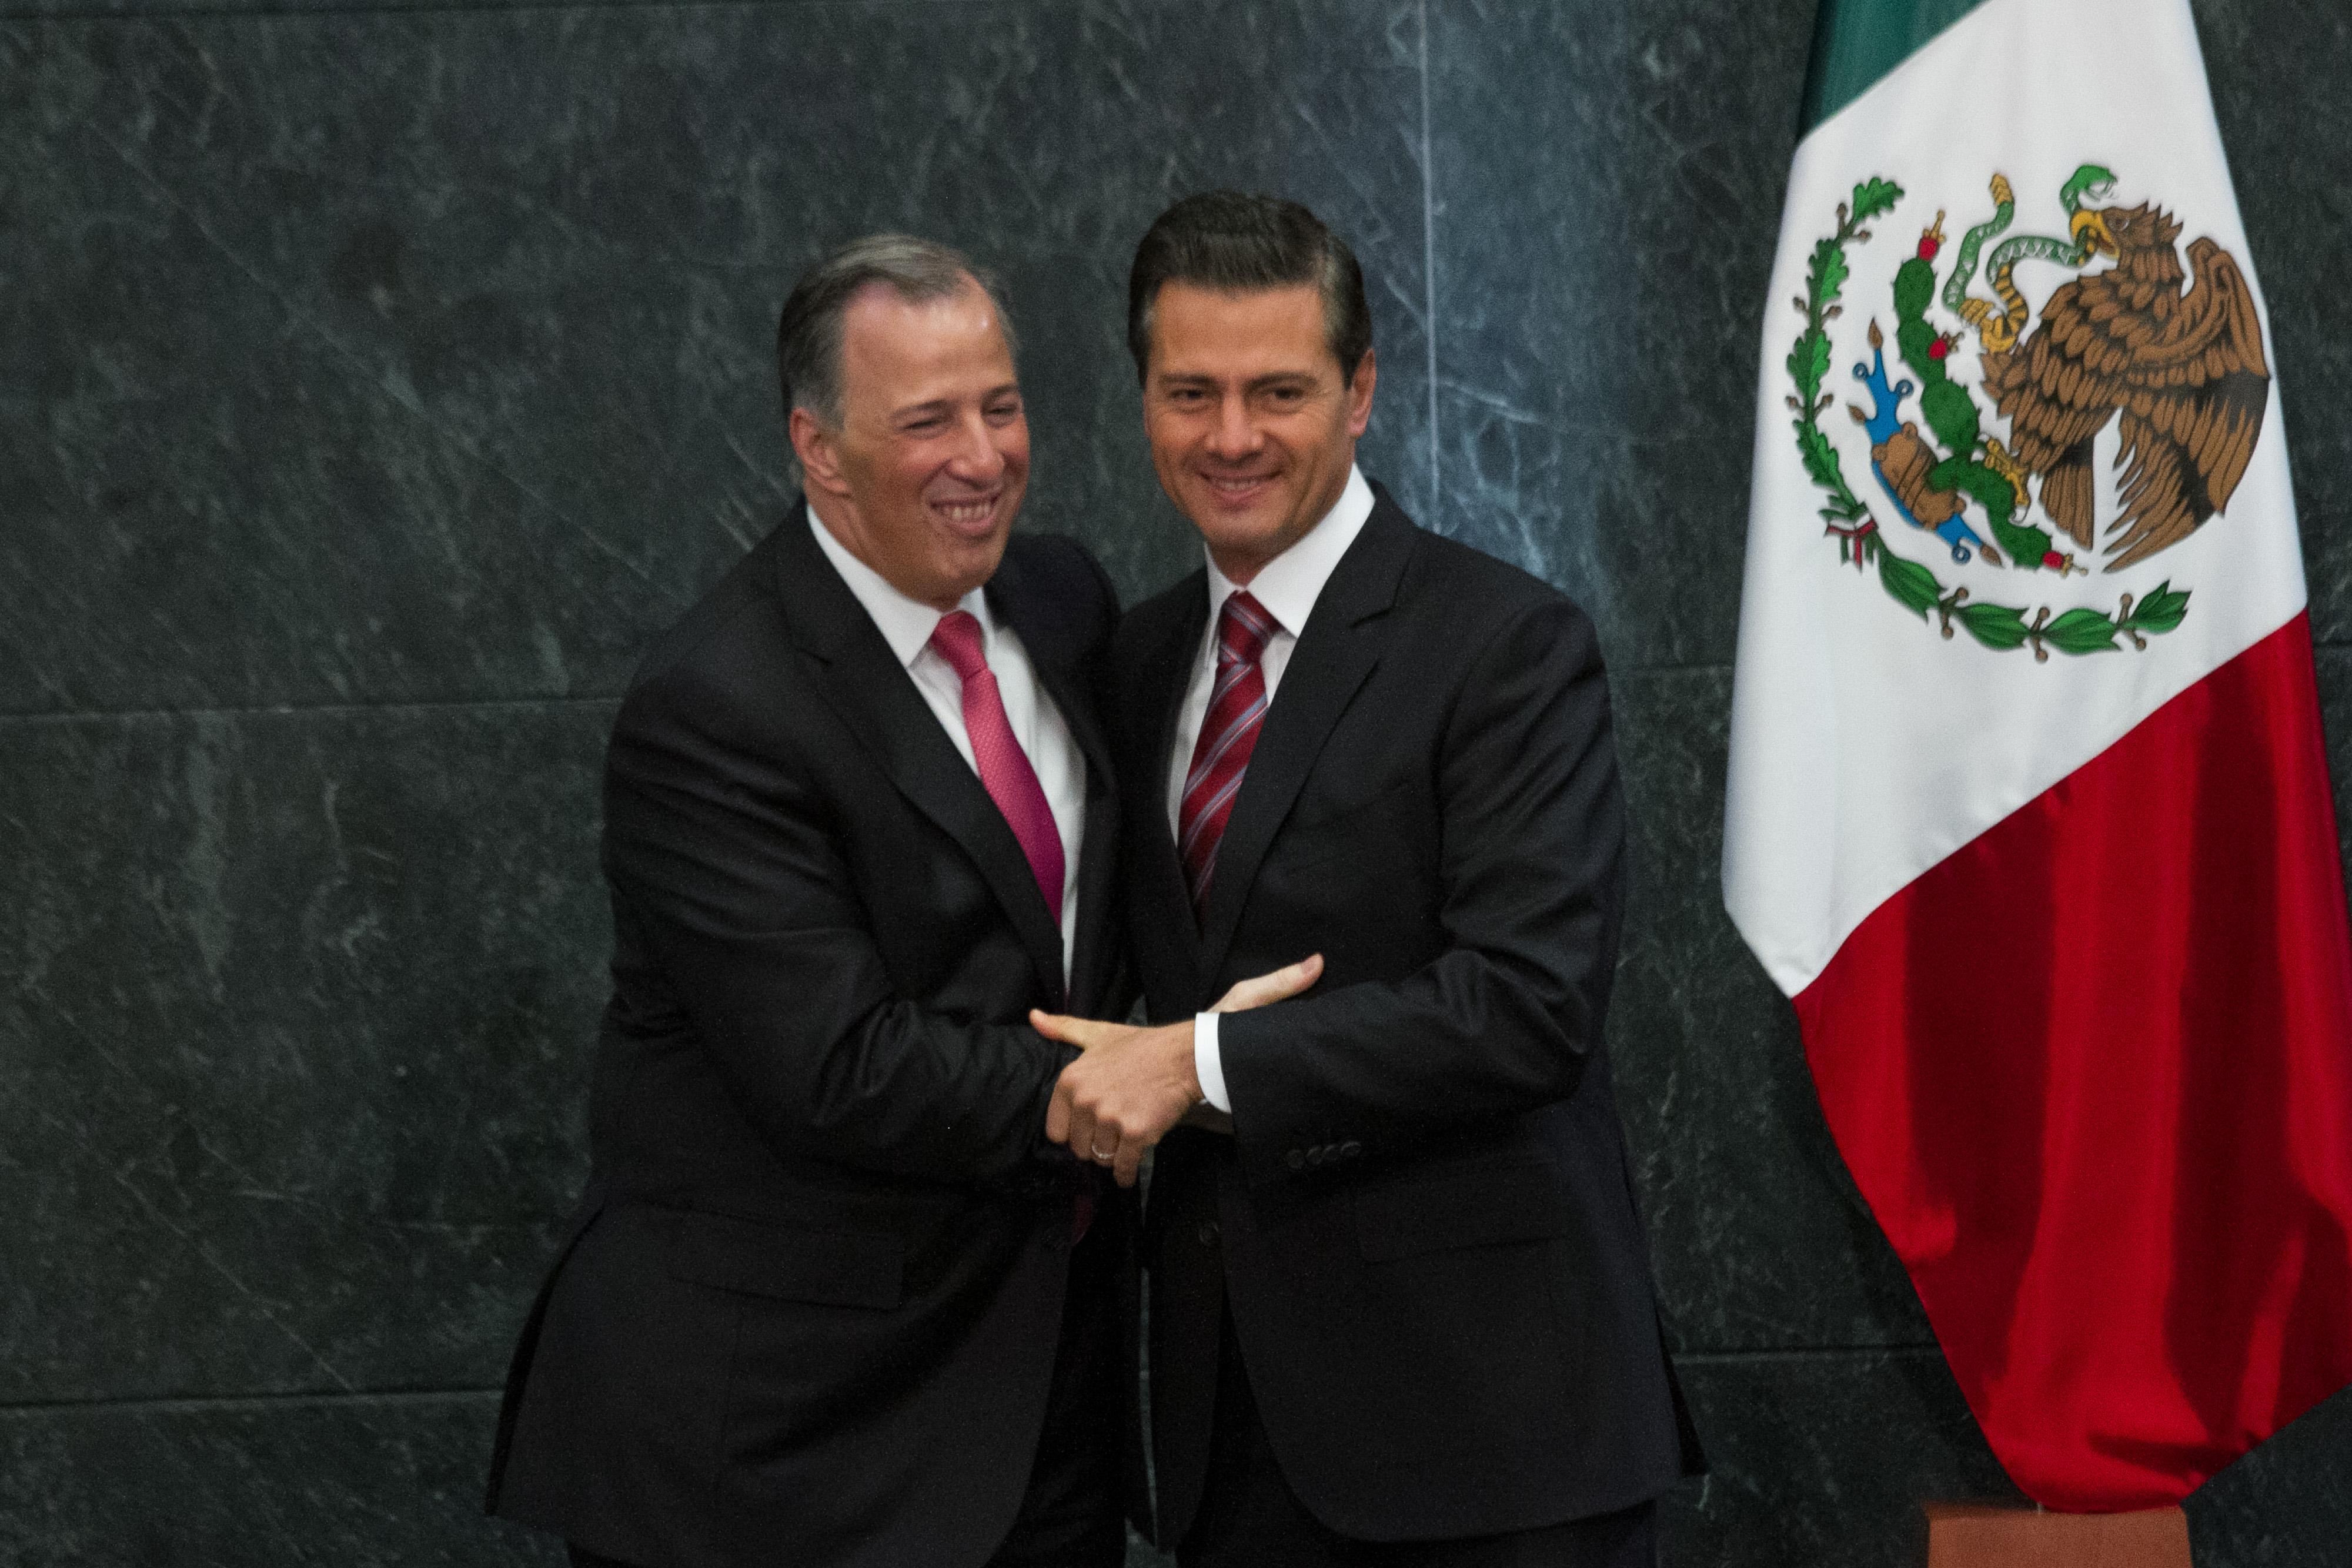 José Antonio Meade y Enrique Peña Nieto, el 27 de noviembre de 2017 en Los